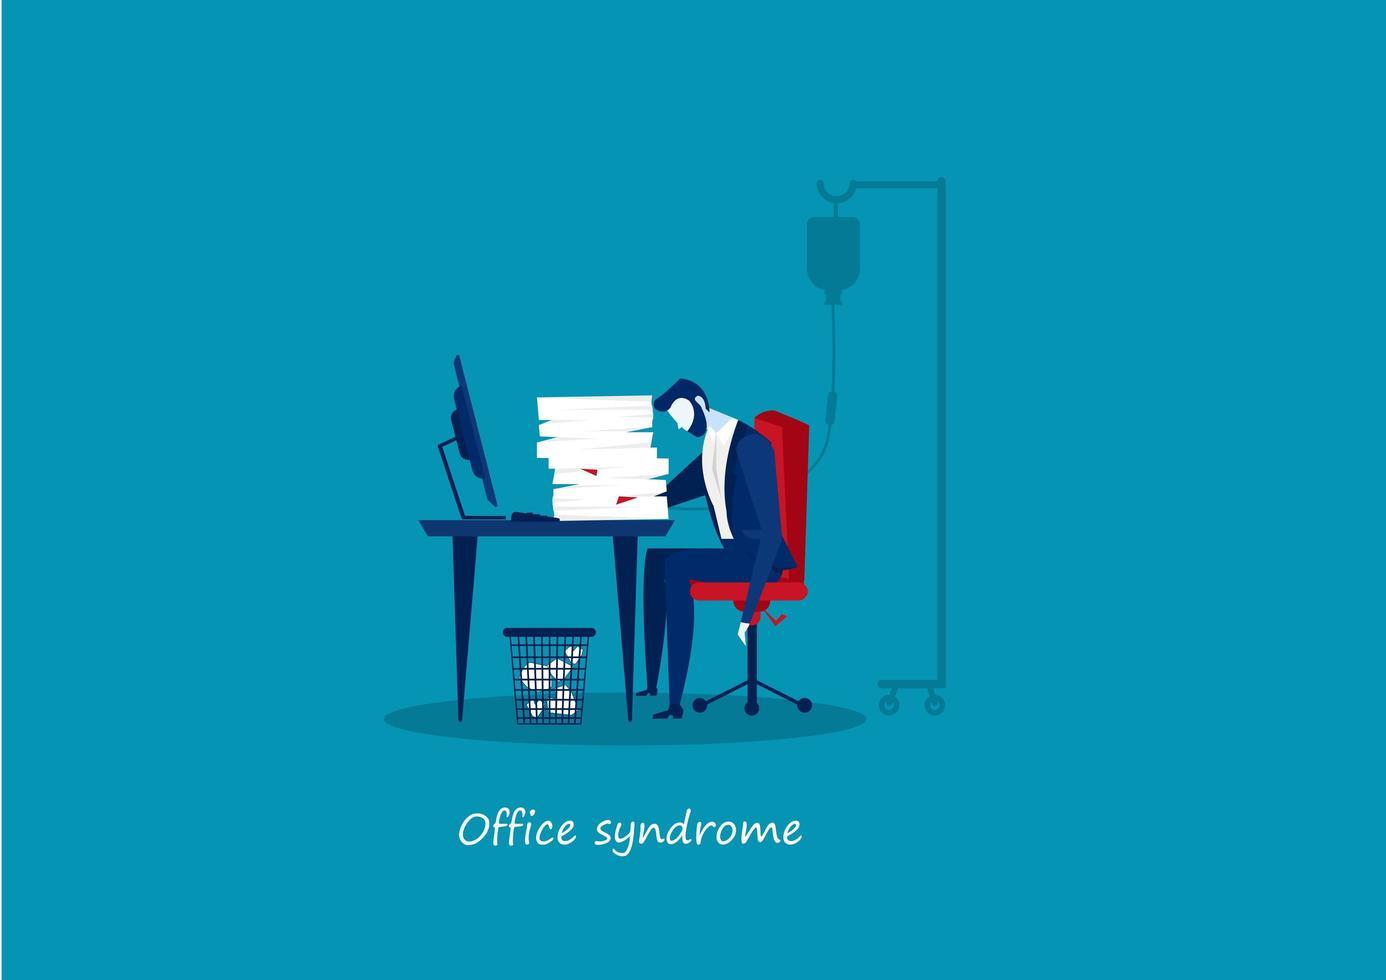 homem de negócios cansado com síndrome de escritório vetor